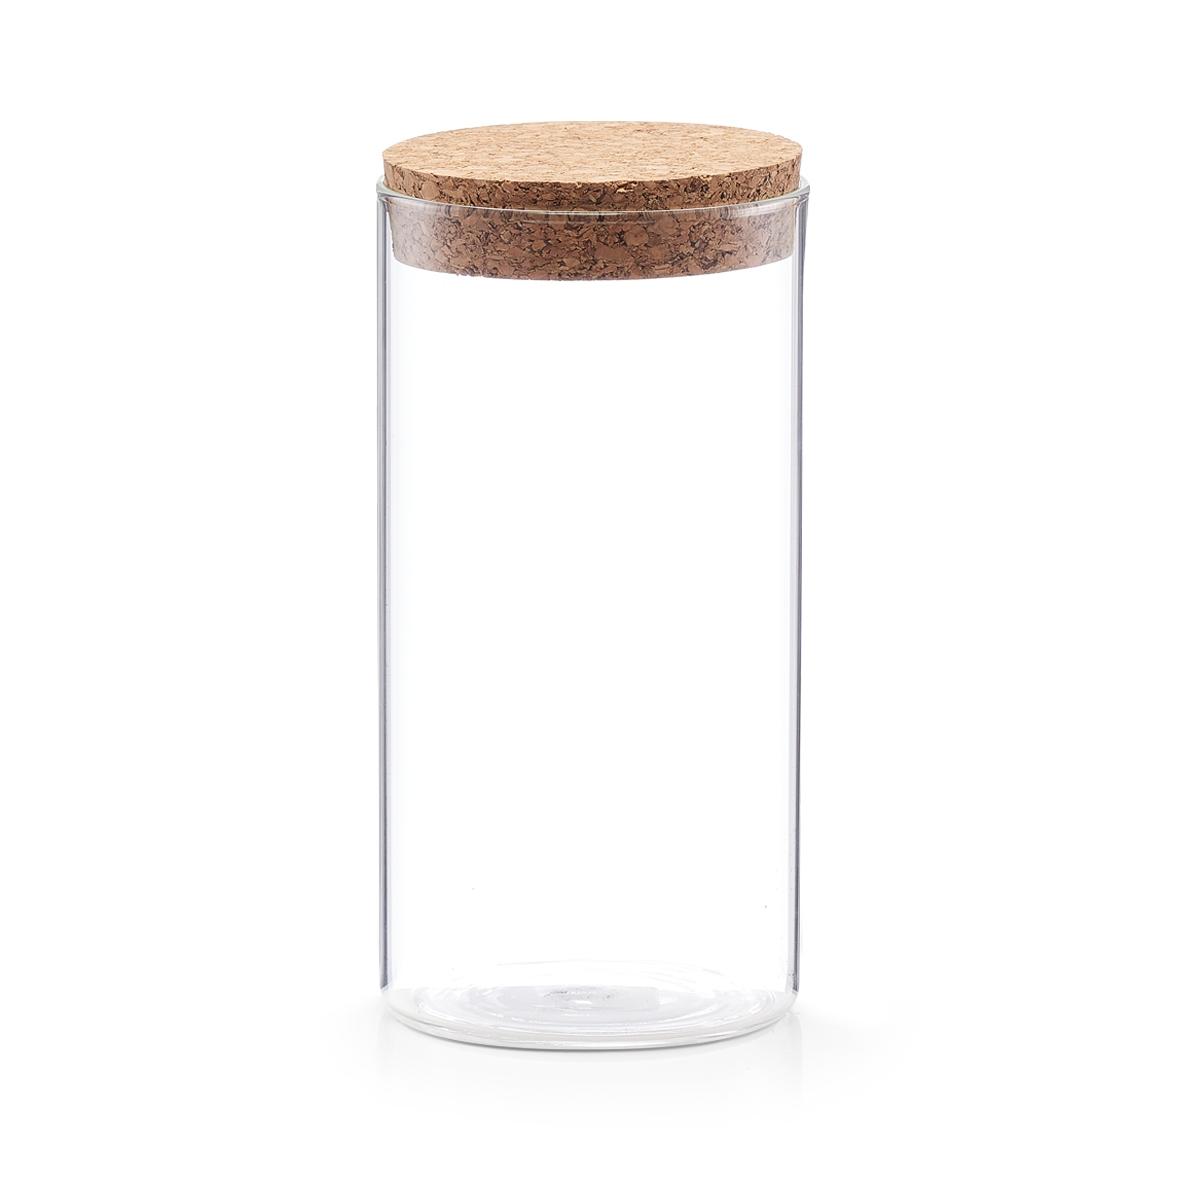 Borcan pentru depozitare cu capac din pluta, Glass B, 550 ml, Ø 7,5xH16 cm imagine